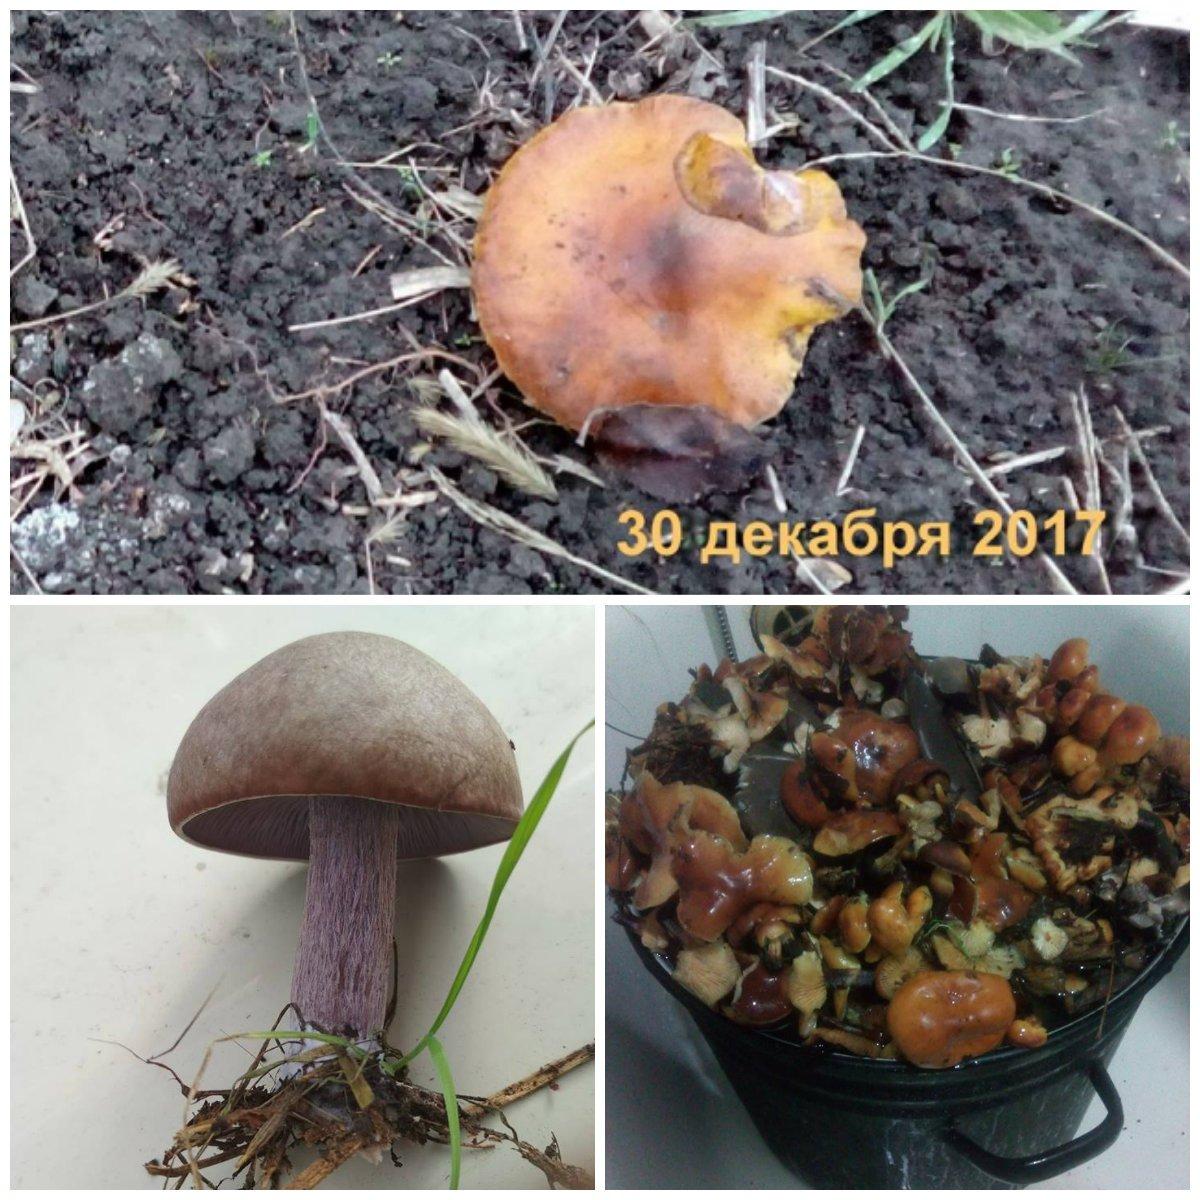 Из-за теплой зимы в пригороде Никополя собирают грибы